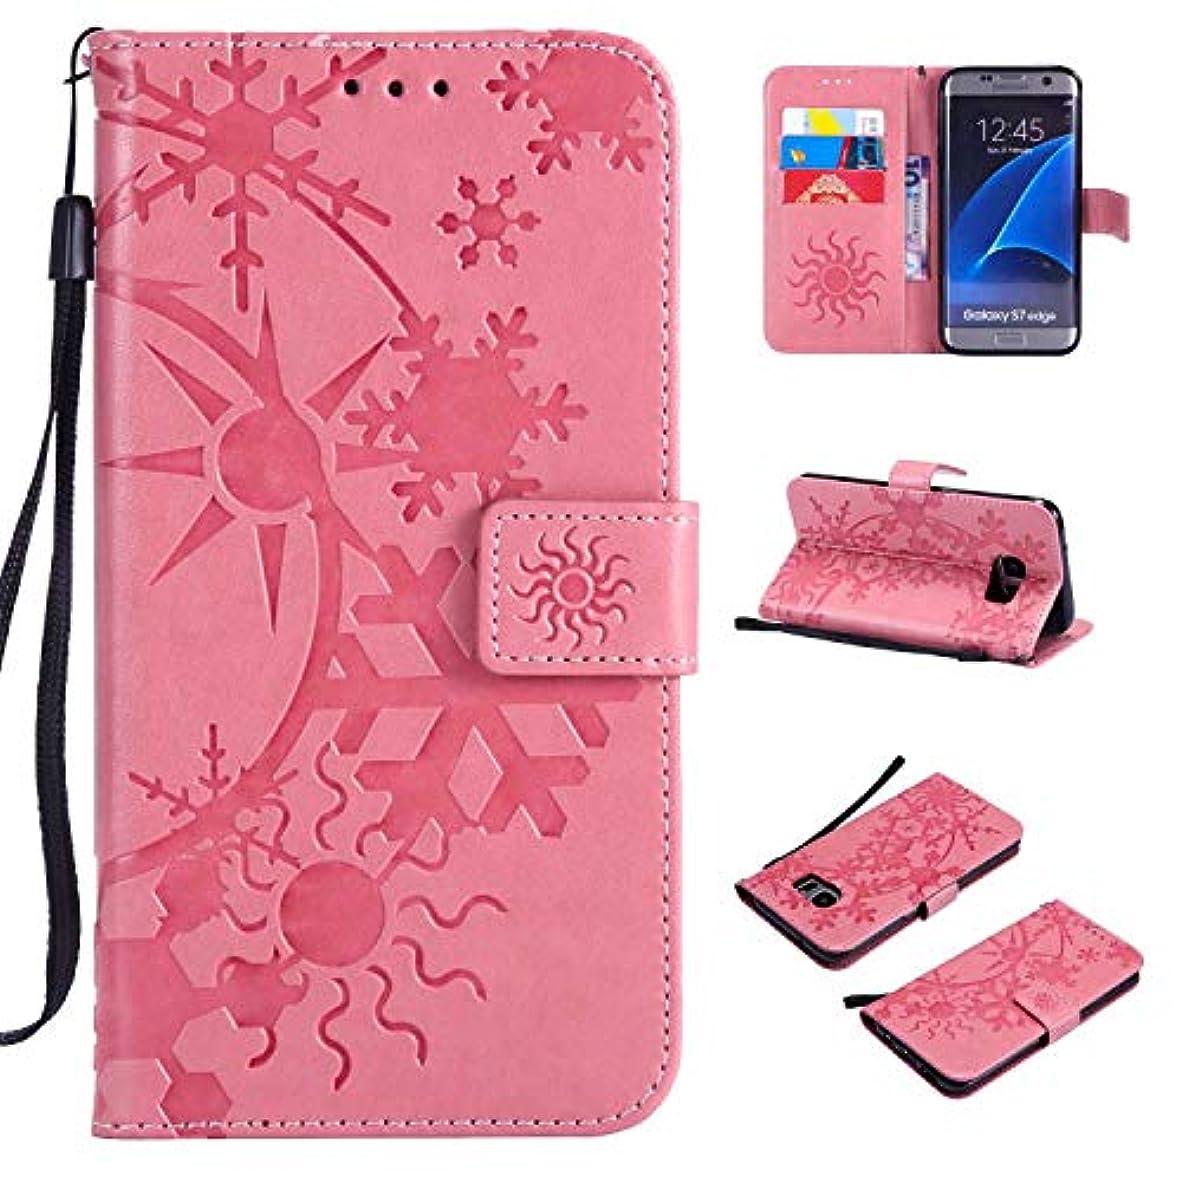 つかむ船外感謝するGalaxy S7 Edge ケース CUSKING 手帳型 ケース ストラップ付き かわいい 財布 カバー カードポケット付き Samsung ギャラクシー S7 Edge マジックアレイ ケース - ピンク